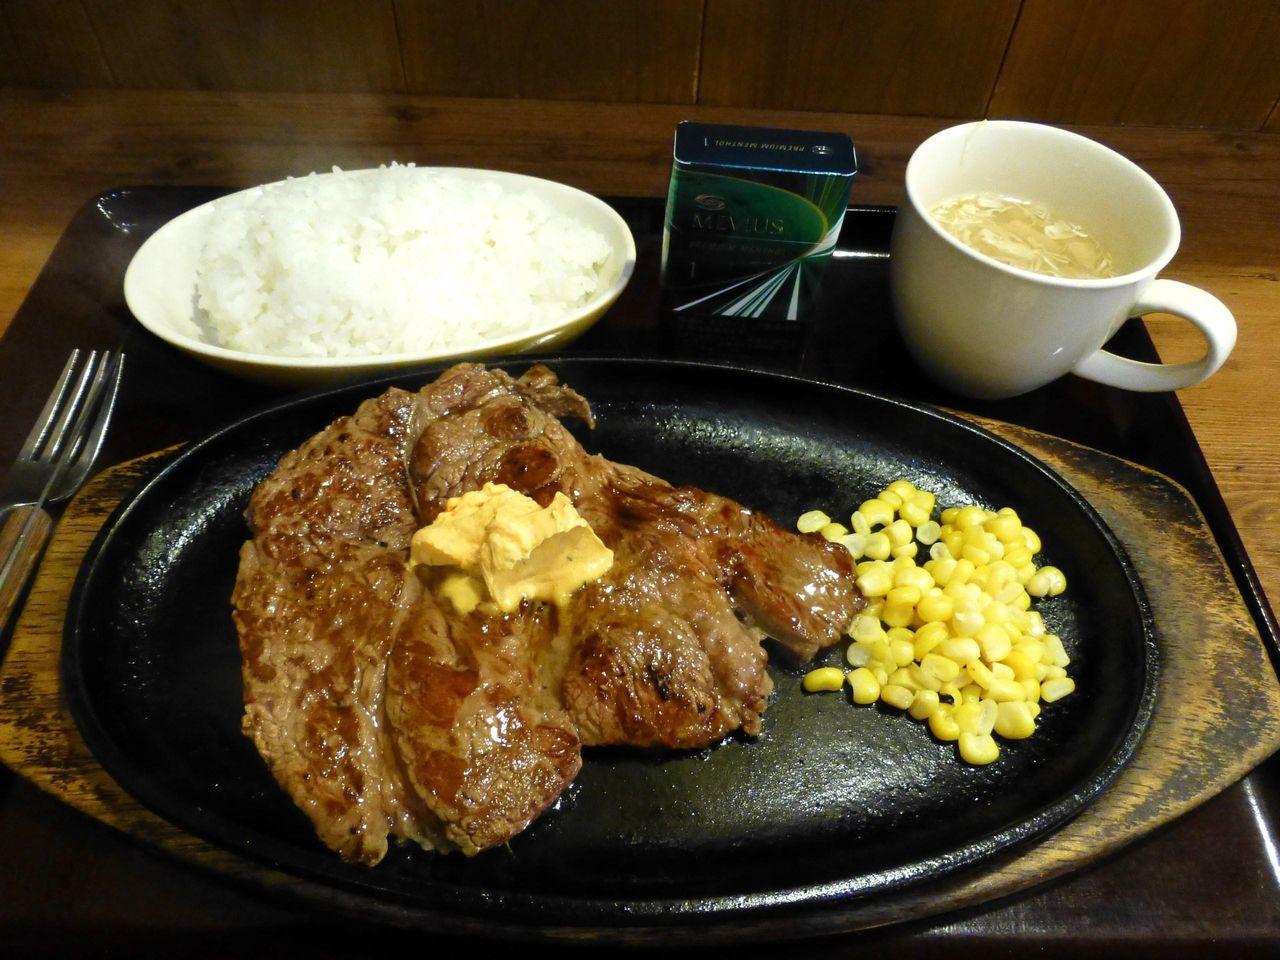 土日・祝日なら「いきなりステーキ」よりお得だと思います!